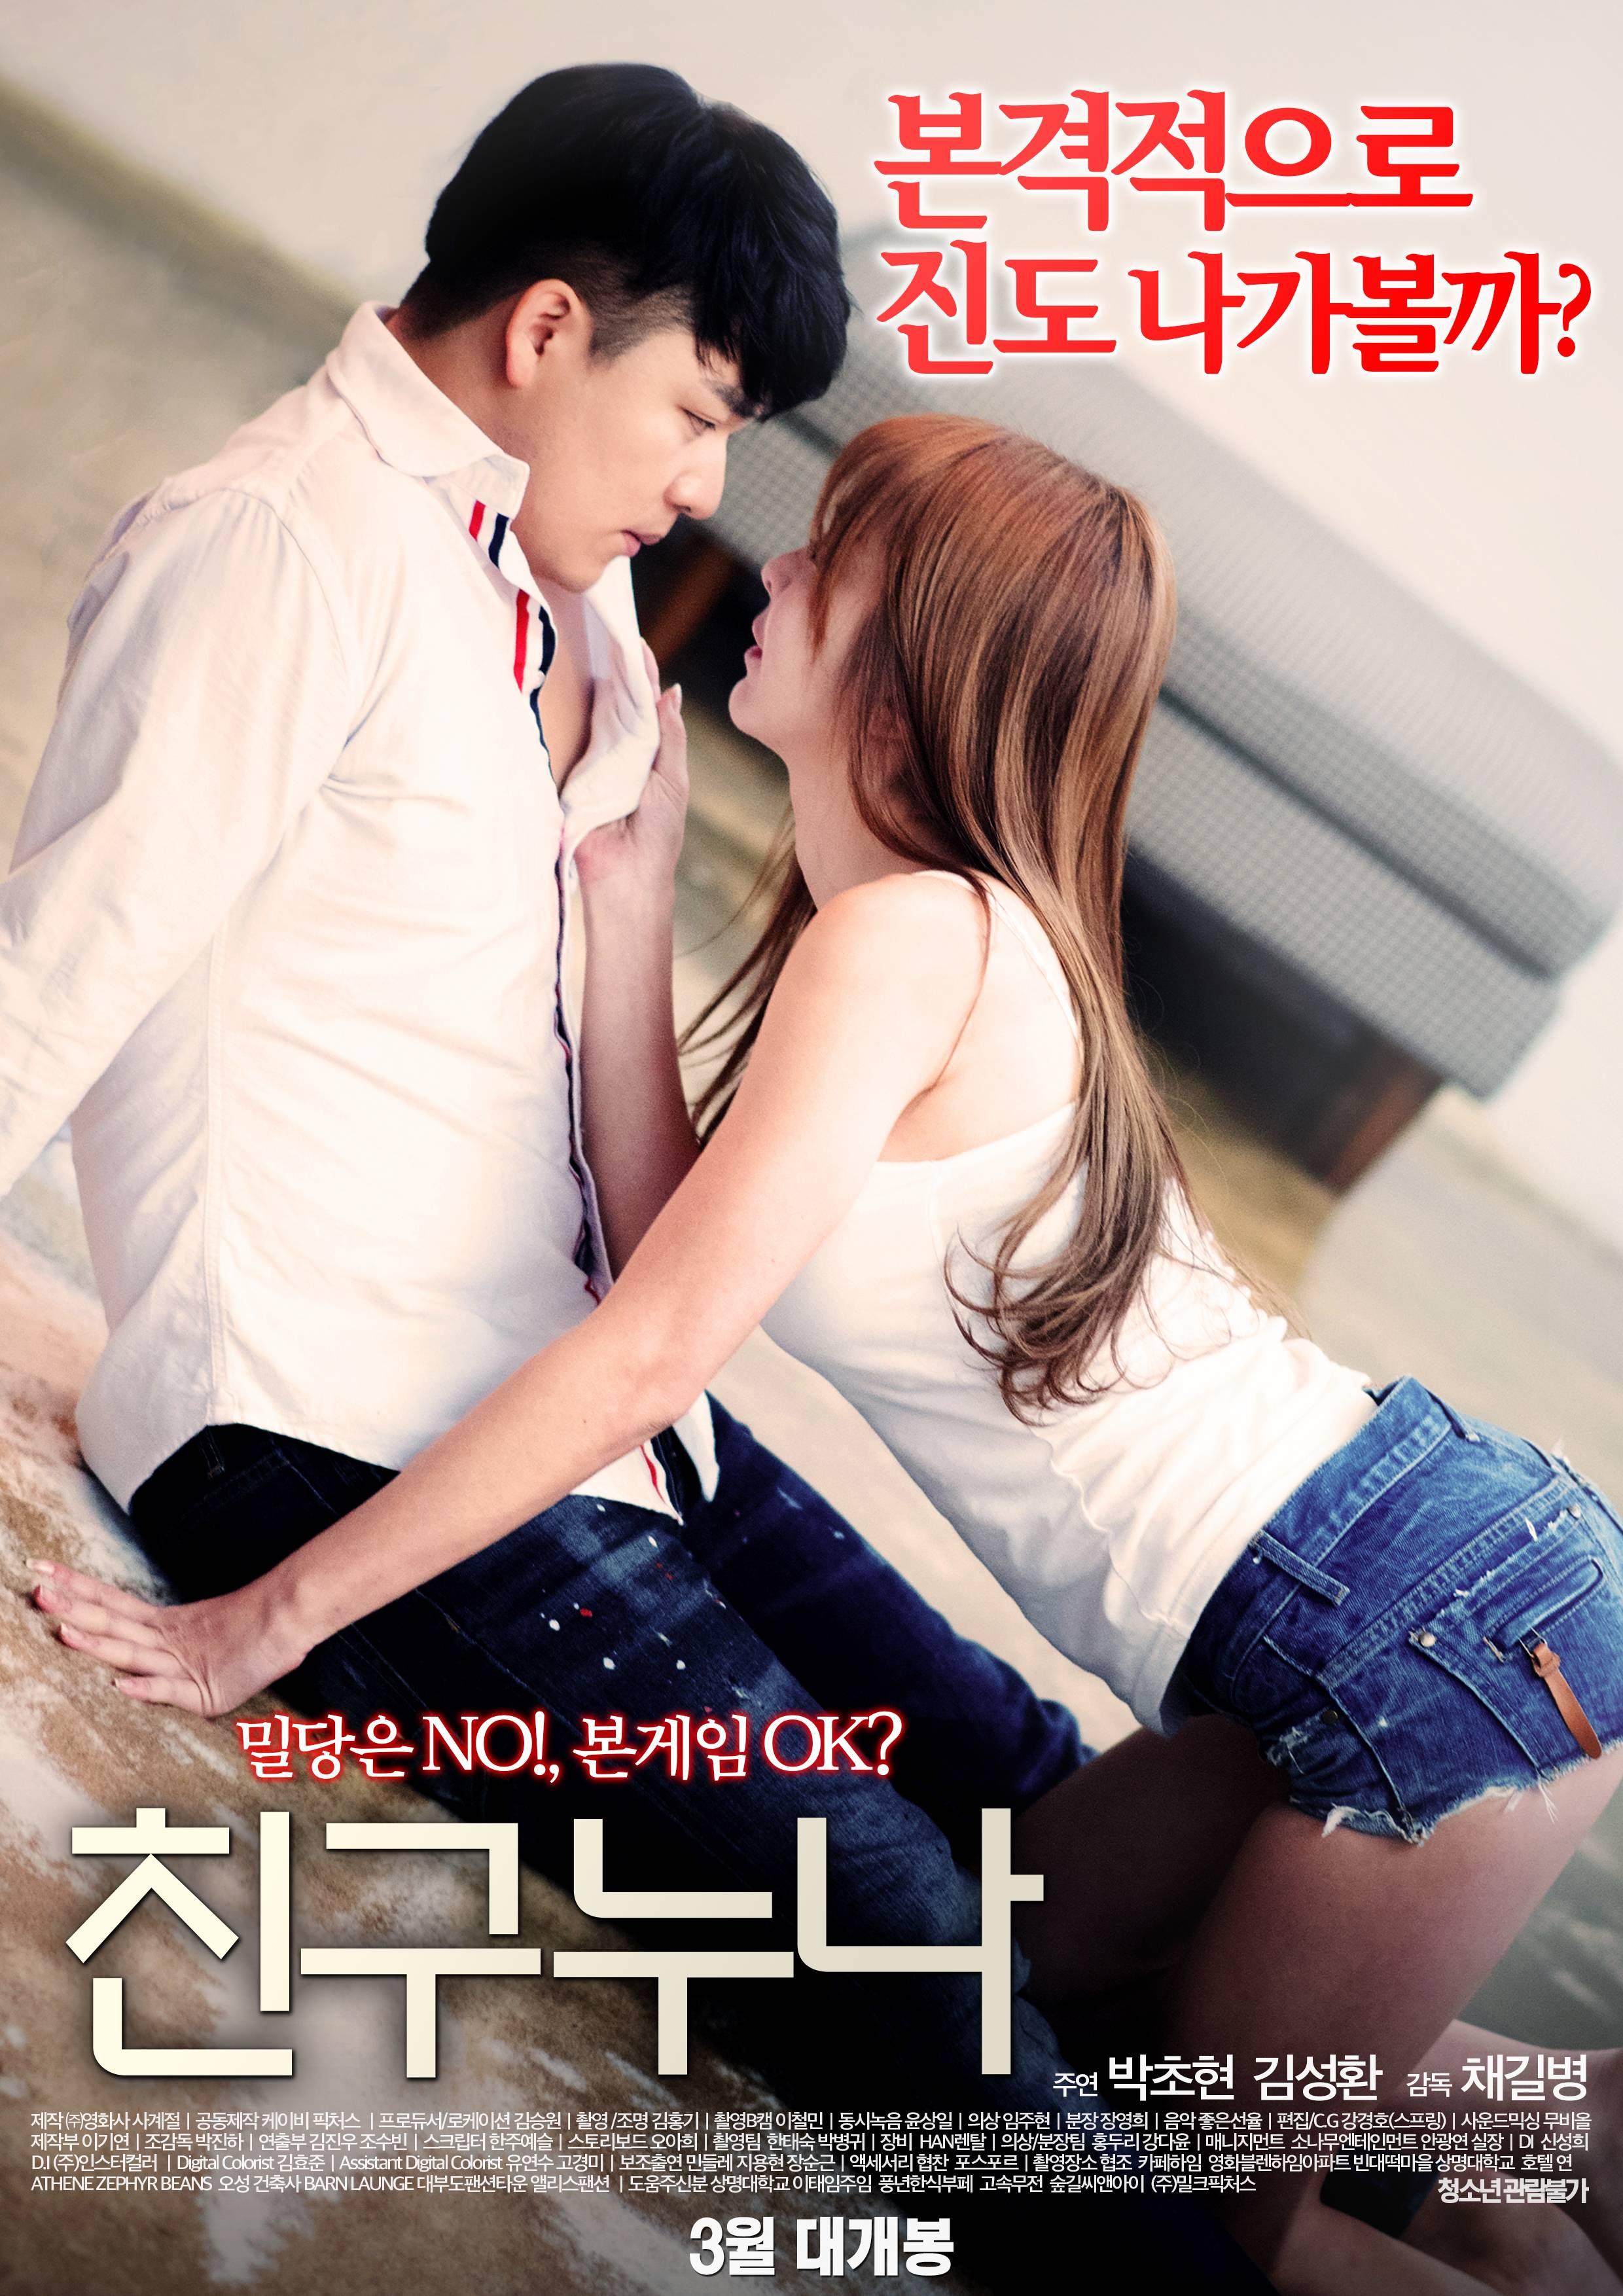 Film semi sex full korea subtitle indonesia